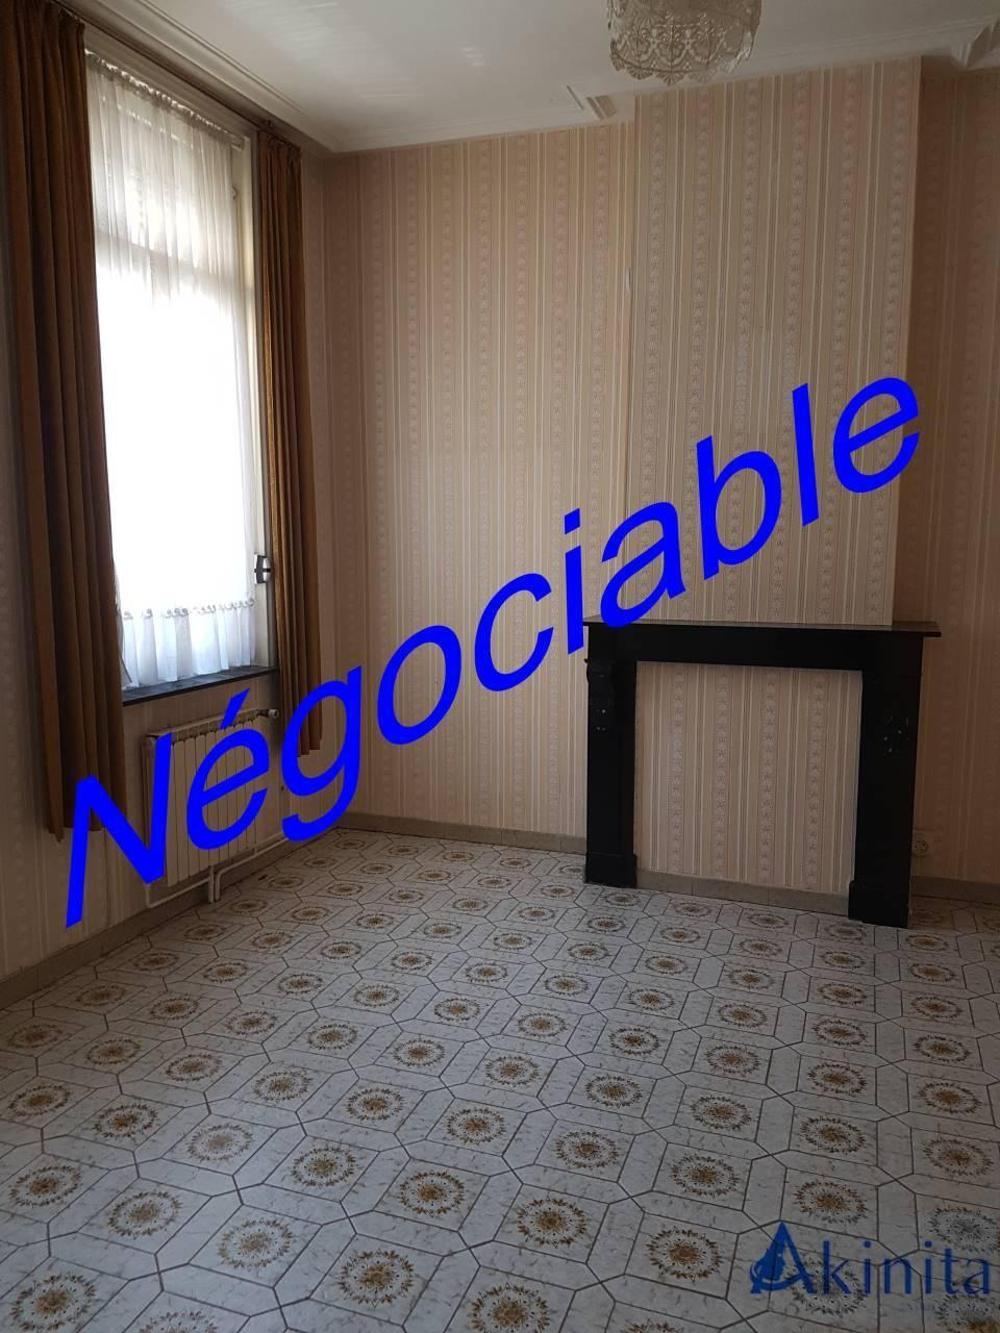 Condé-sur-l'Escaut Nord stadshuis foto 4258015